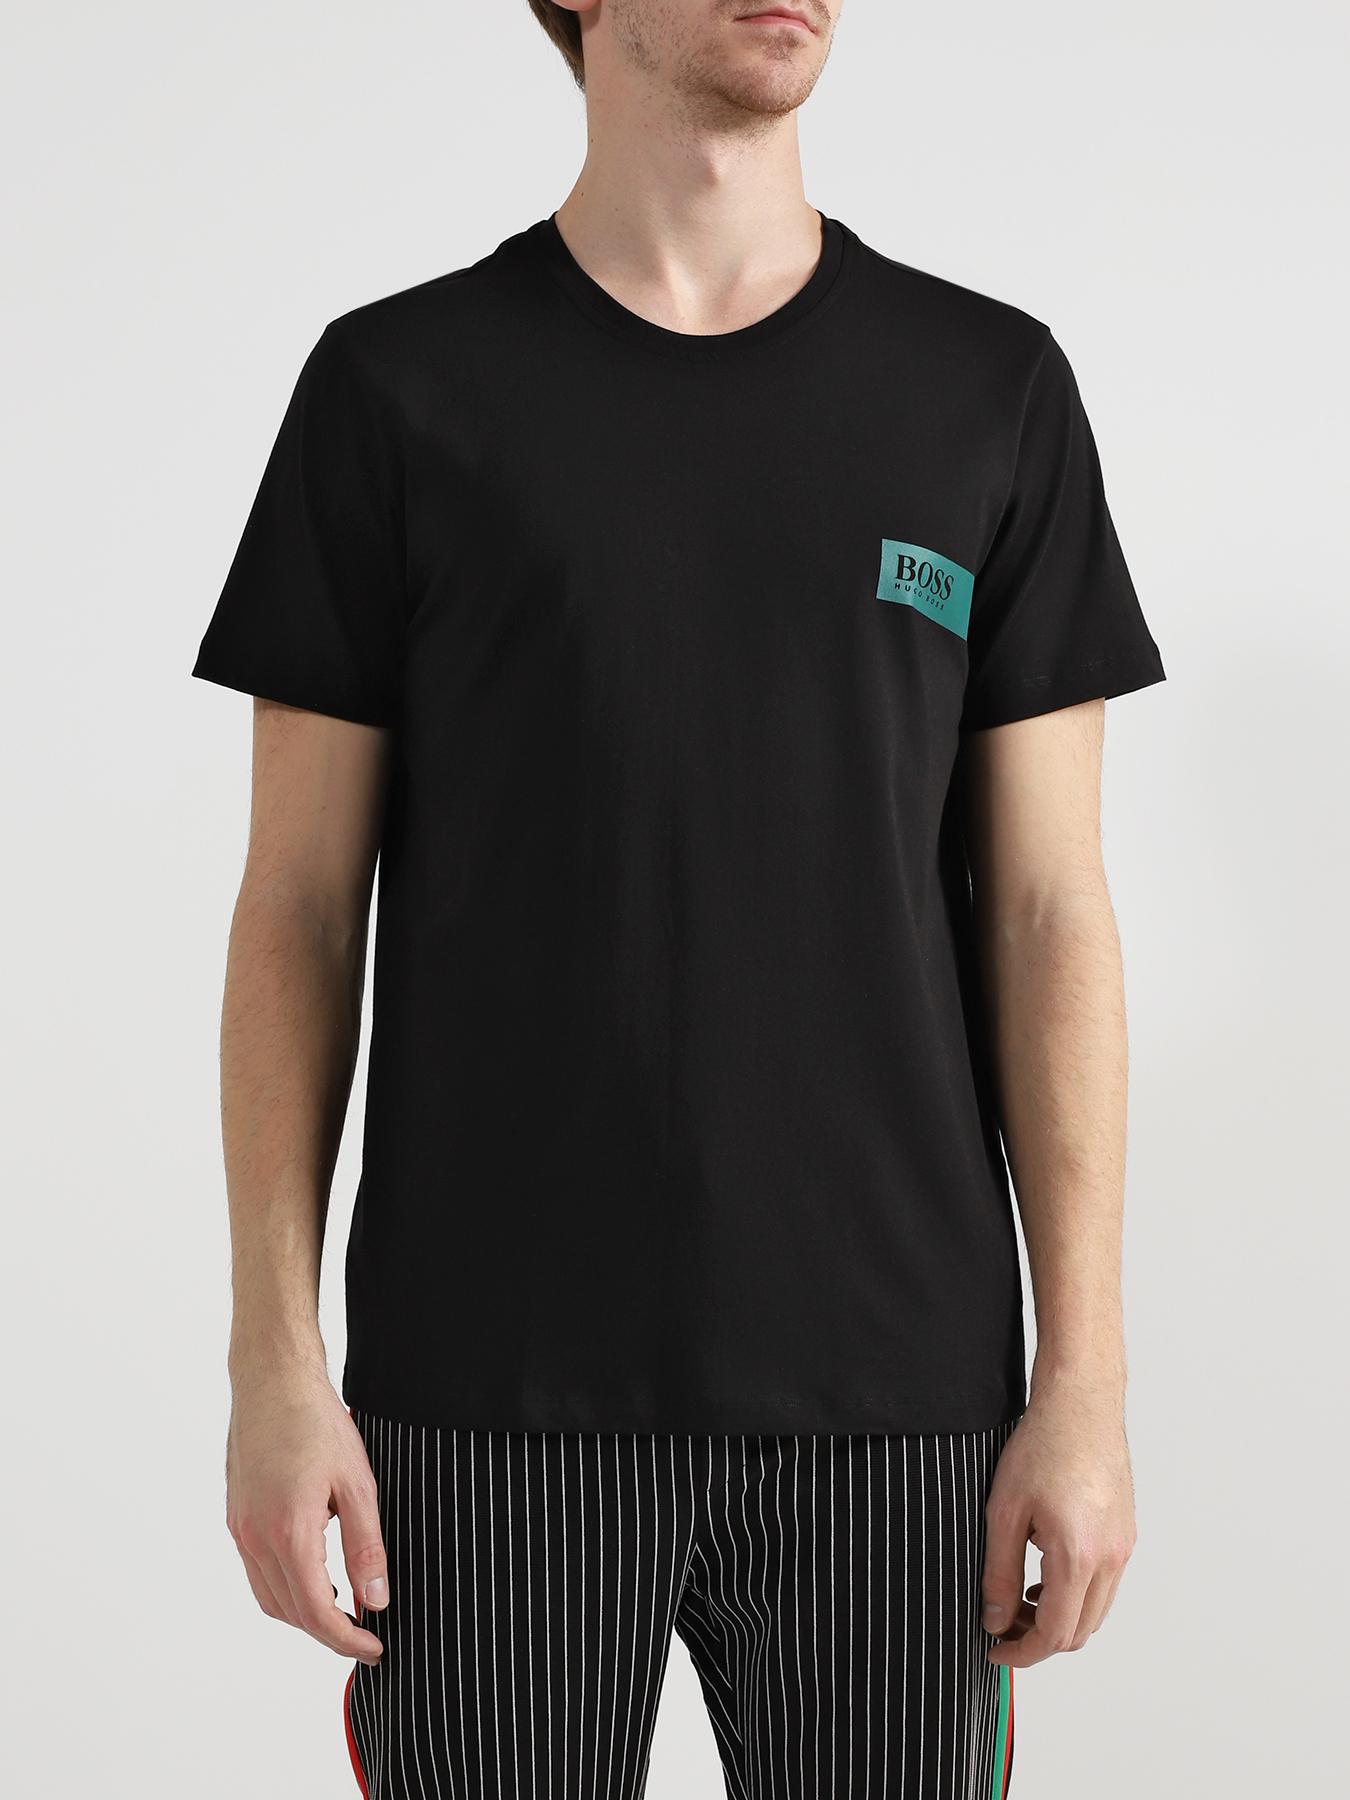 Футболки BOSS Мужская футболка T Shirt